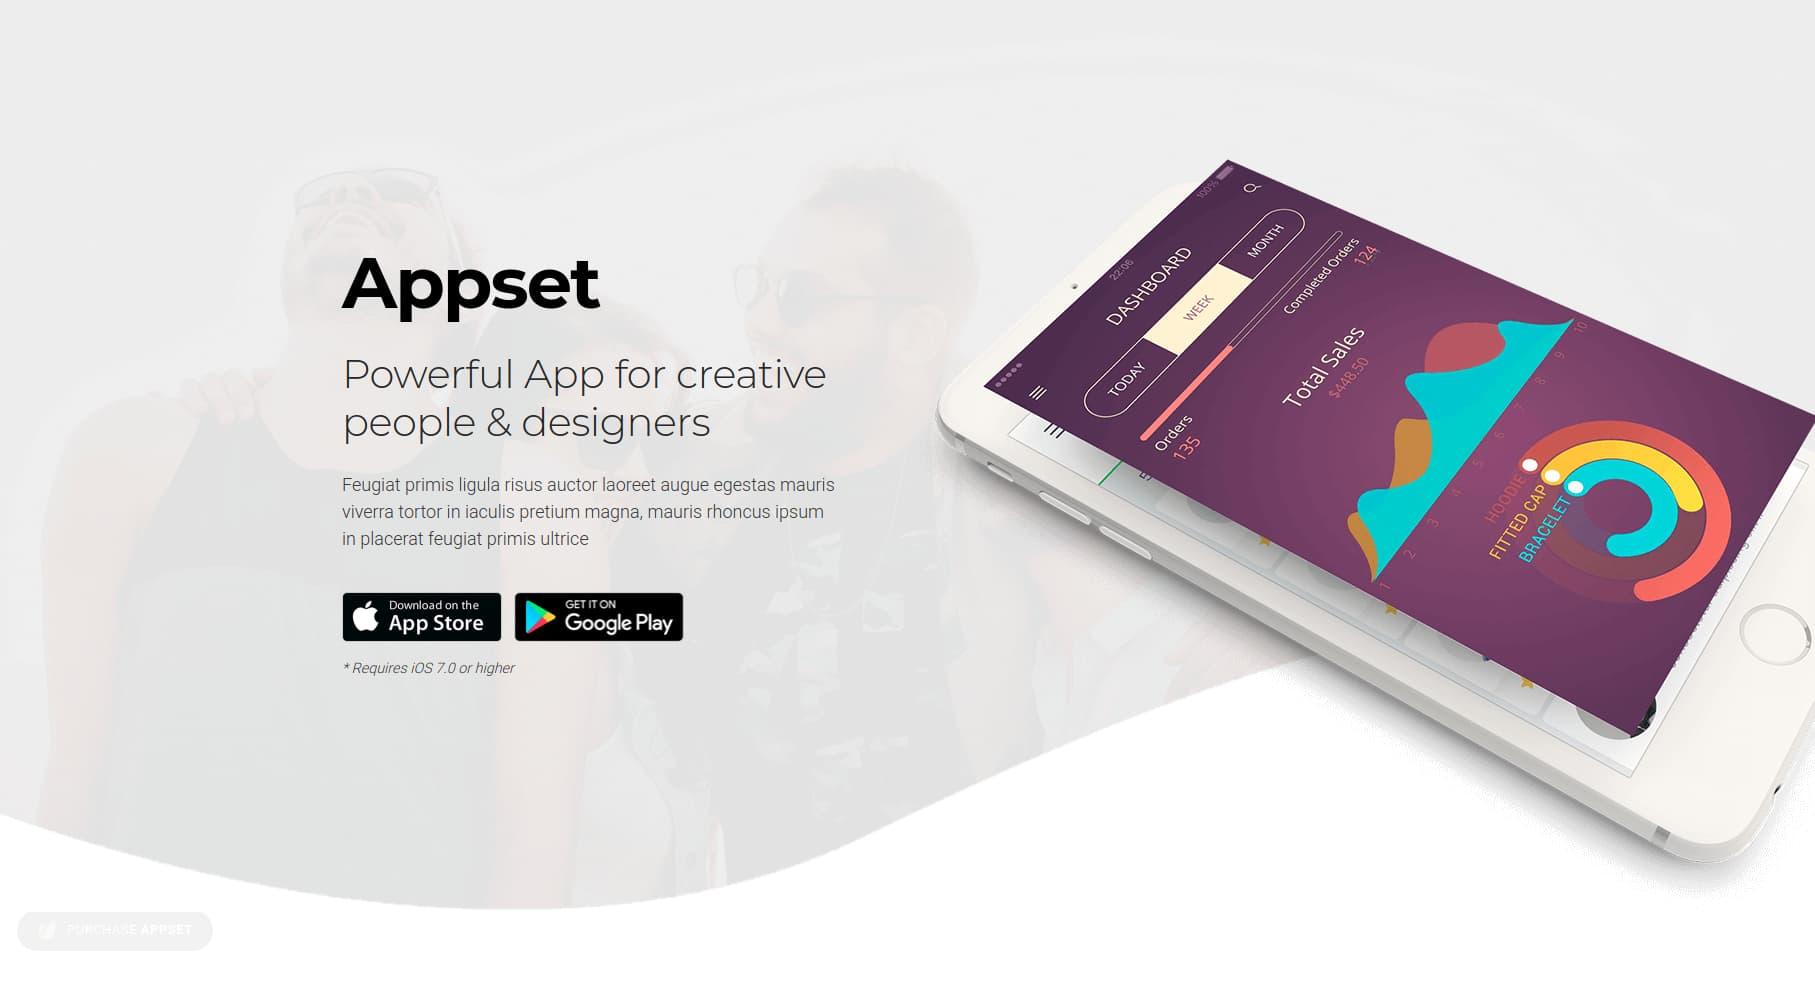 appset